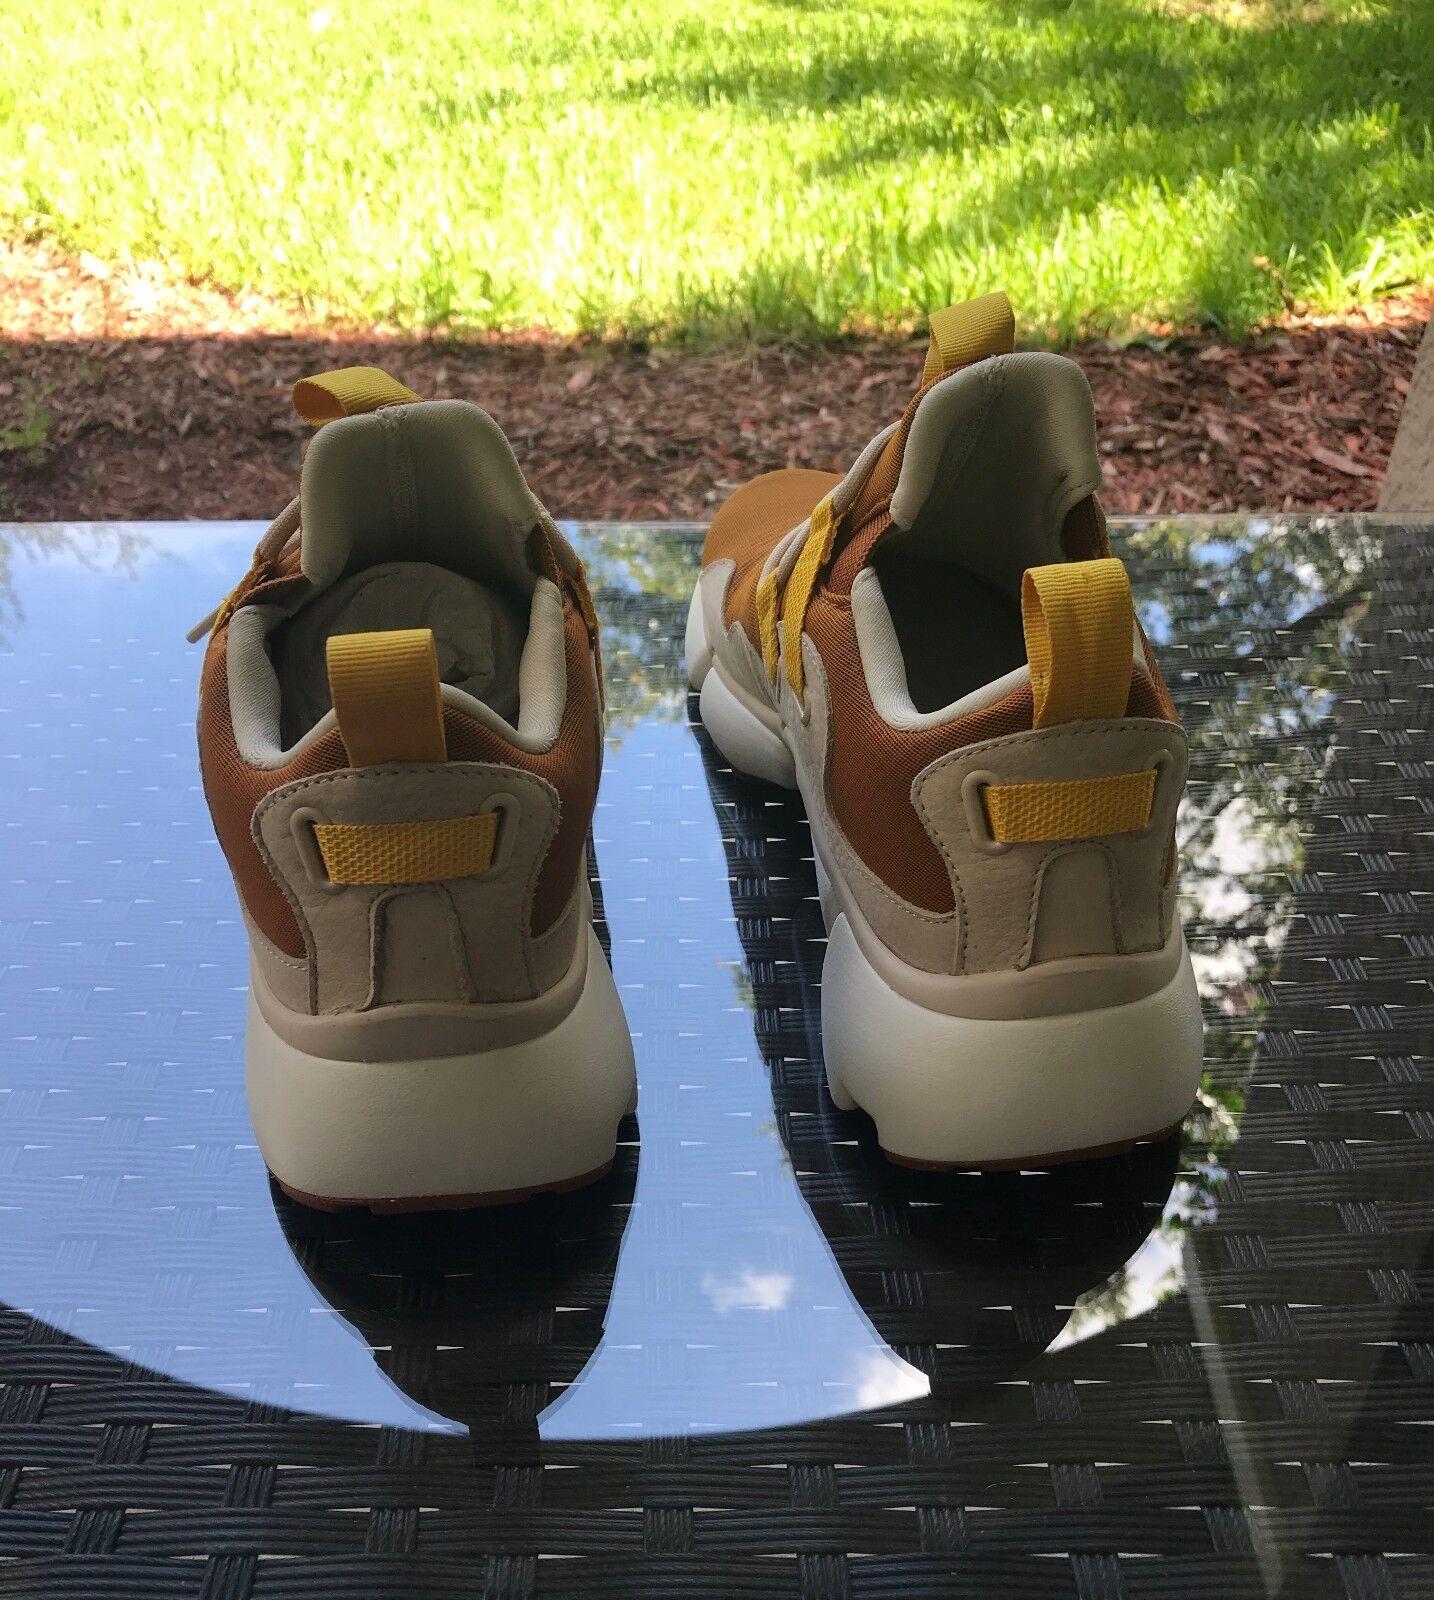 Nike nikelab coltellino dm tawny vela oro fiocchi bianchi [910571-200]